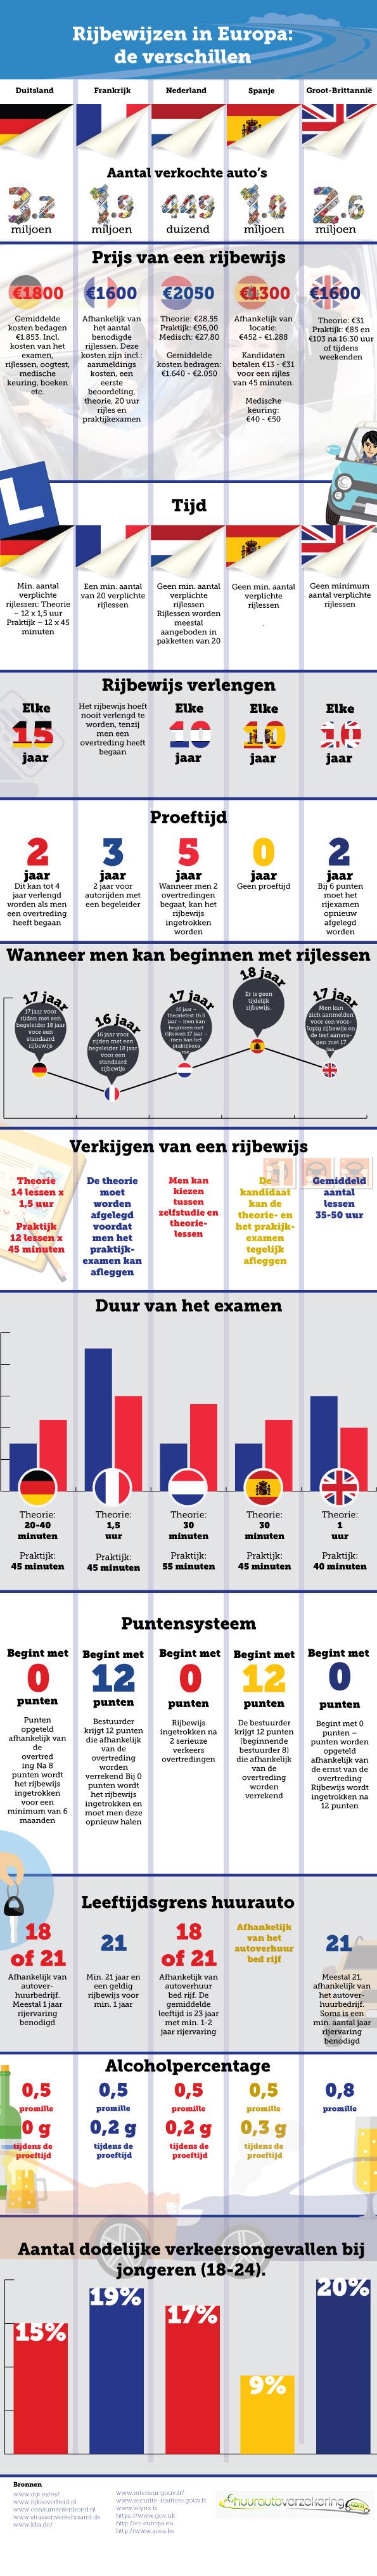 rijbewijzen-in-europa-infographic